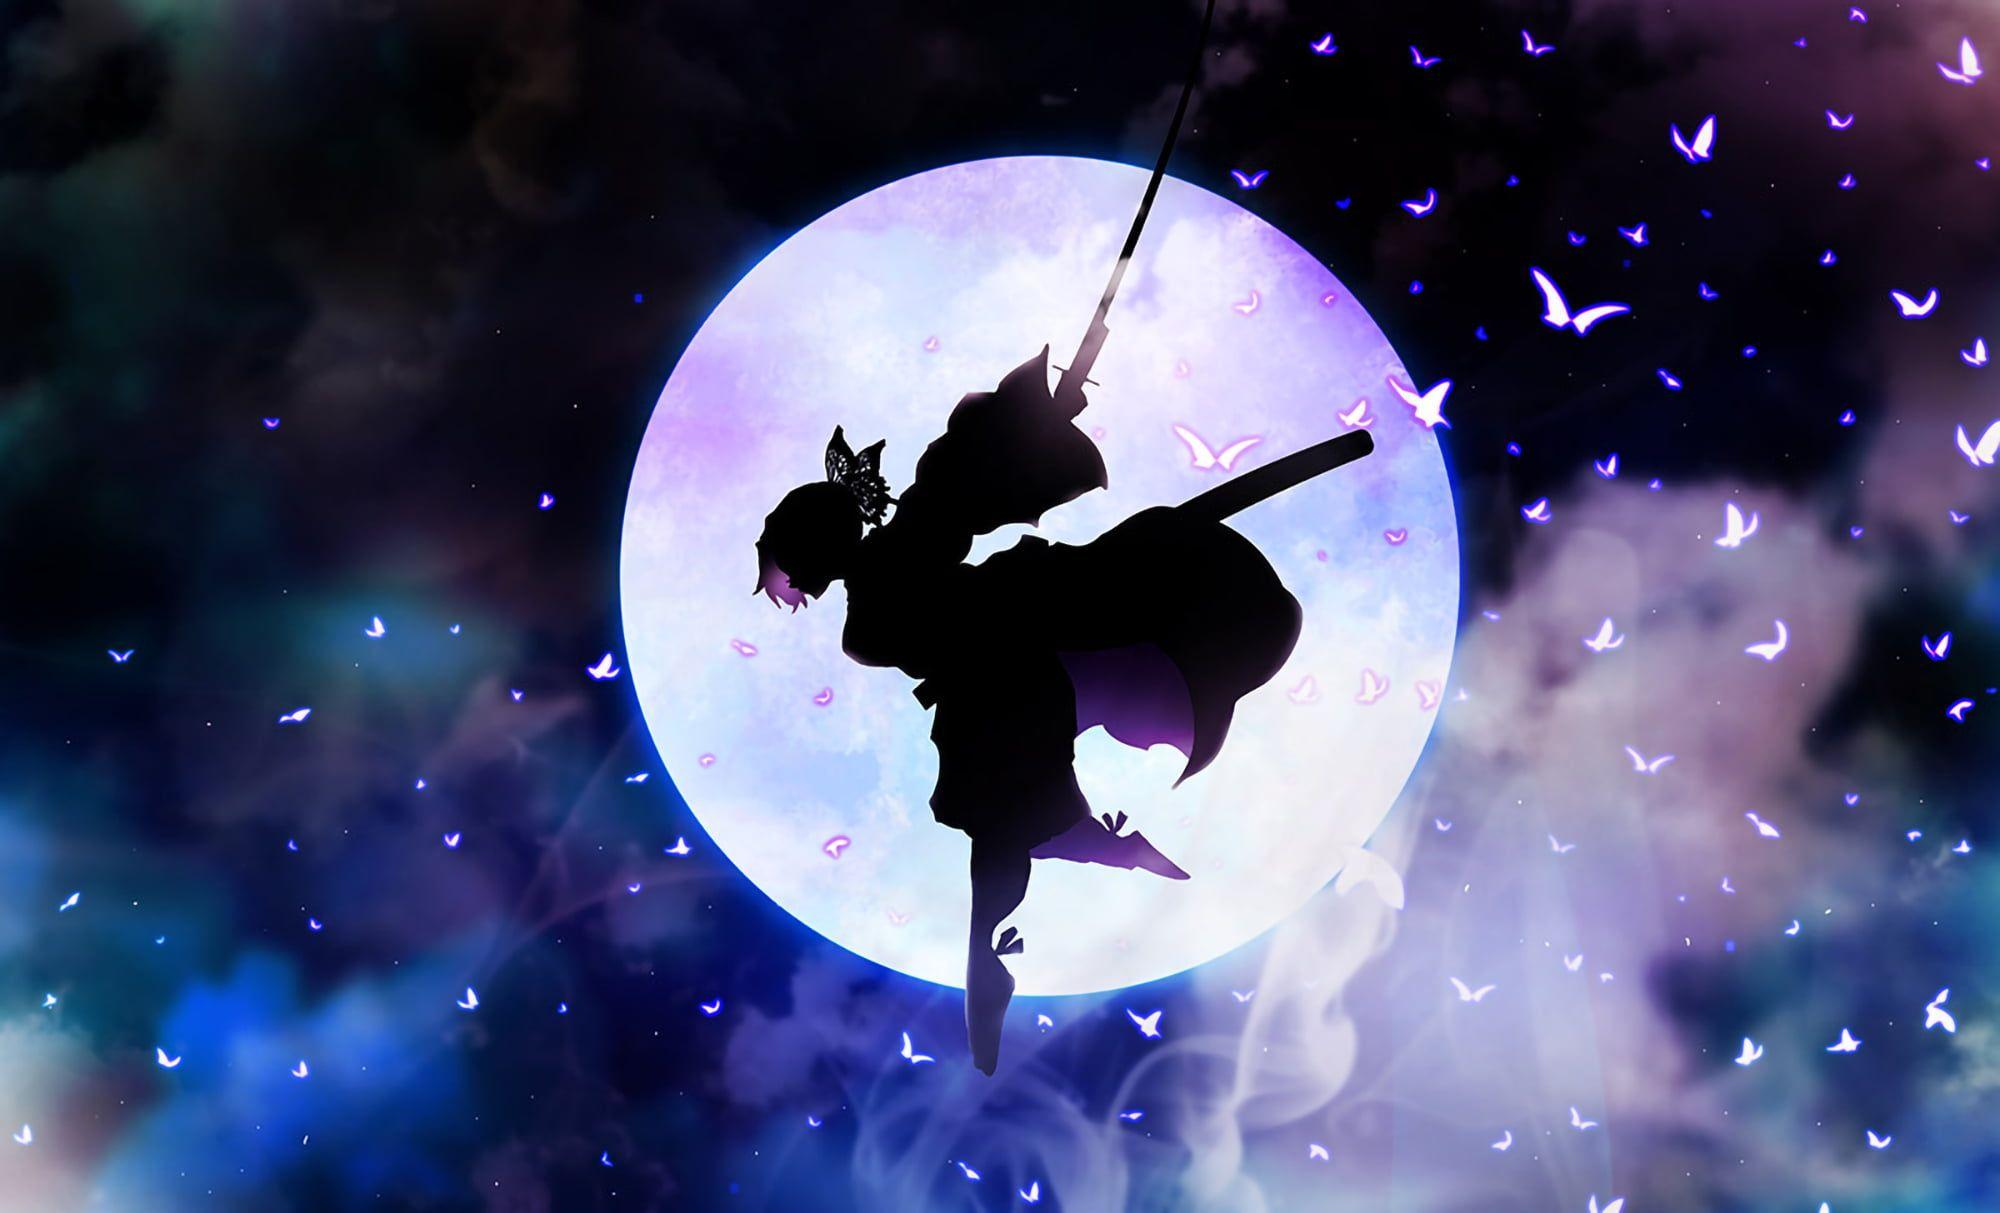 Anime Demon Slayer Kimetsu No Yaiba Shinobu Kochou 1080p Wallpaper Hdwallpaper Desktop Hd Anime Wallpapers Anime Wallpaper Anime Demon